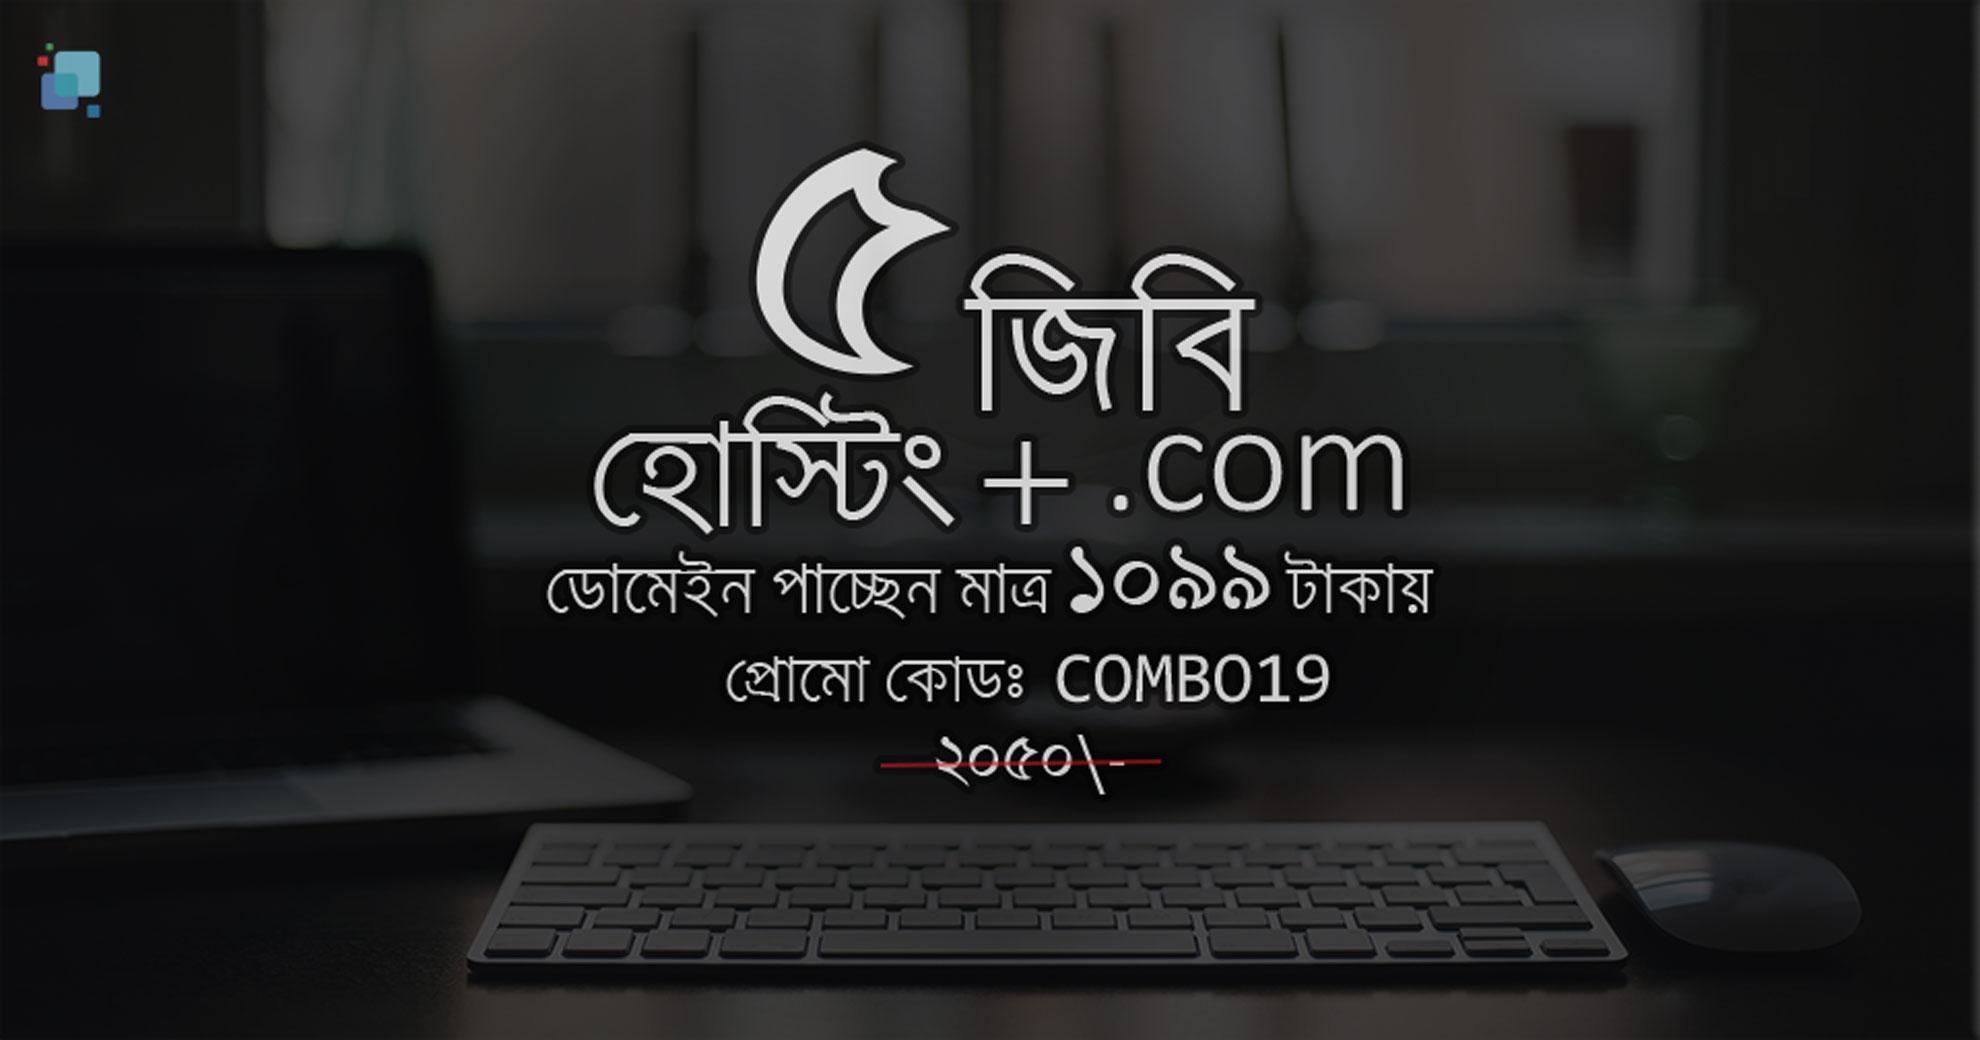 combo offer 2019